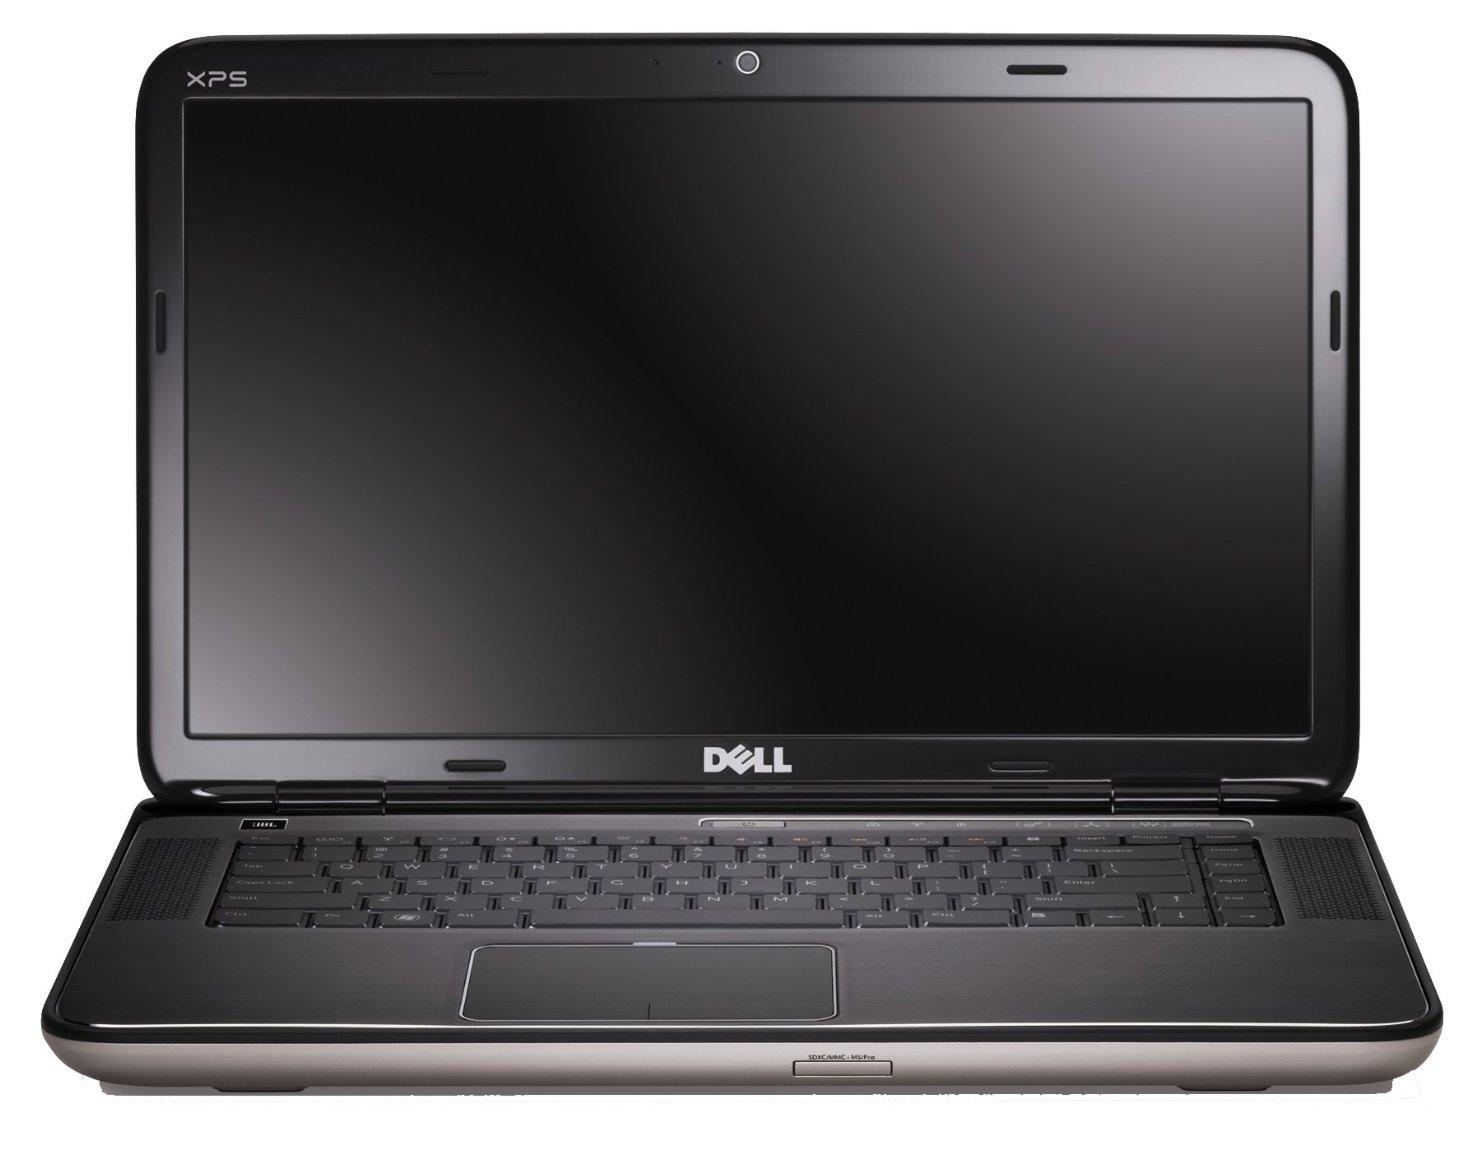 Ноутбук Dell XPS 15 9570-1080 фото #1